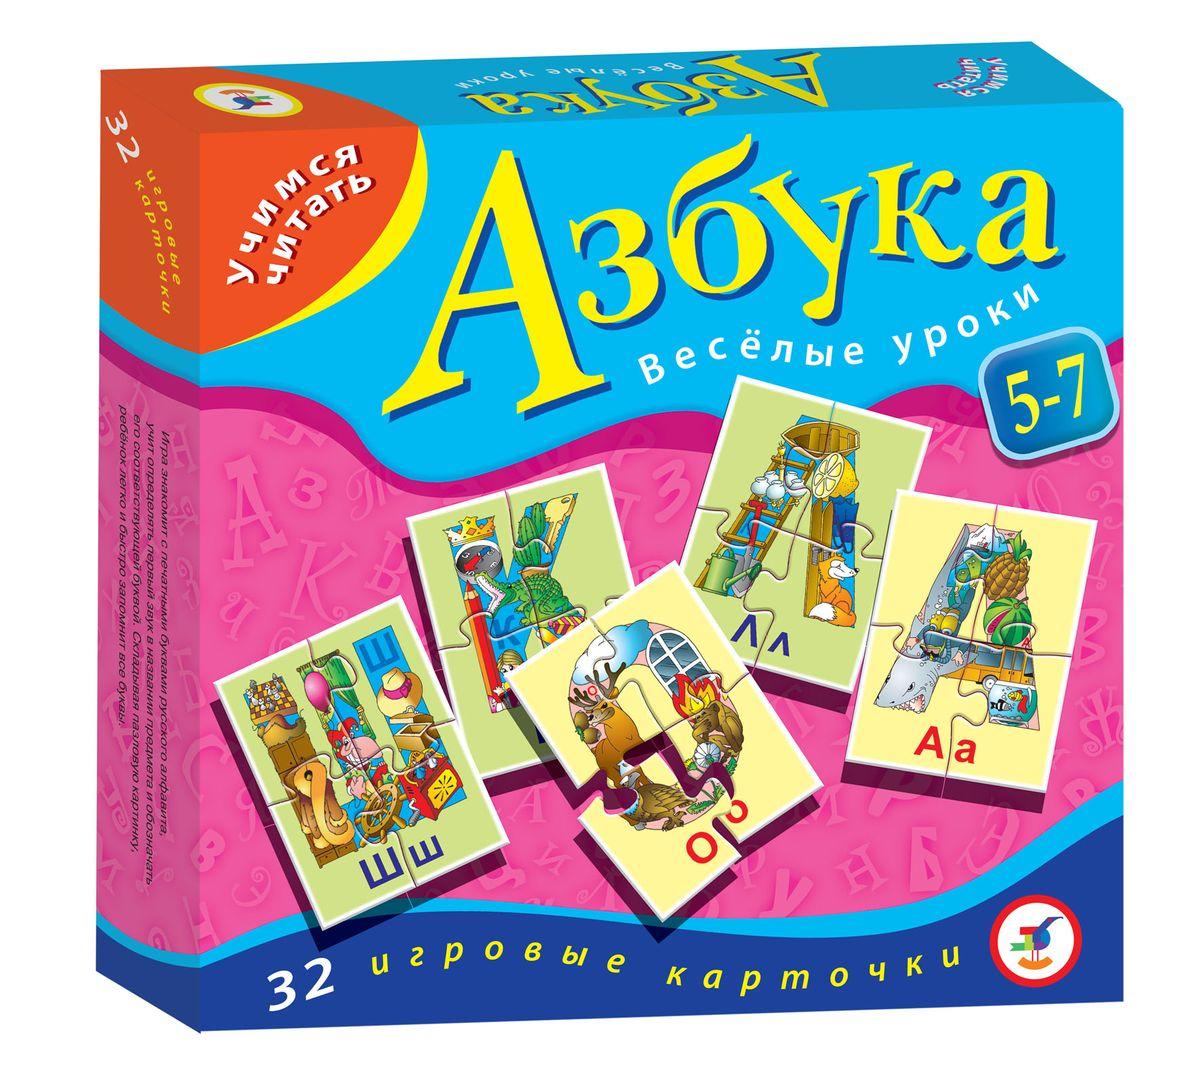 Дрофа-Медиа Пазл Азбука1100Пазл Дрофа-Медиа Азбука представляет собой игру, которая знакомит с печатными буквами русского алфавита, учит определять первый звук в названии предмета и обозначать его соответствующей буквой. Складывая пазловую картинку, ребенок легко и быстро запомнит все буквы. В игре могут участвовать от 1 до 6 игроков. Игру лучше начинать под руководством взрослого ведущего, который познакомит ребенка с буквами, объяснит, что они бывают гласными (красные буквы на карточках с желтым фоном) и согласными (синие буквы на карточках с зеленым фоном). Каждая карточка представляет собой пазл, состоящий из 4 элементов. В комплект игры входят 32 карточки и правила. Пазл Дрофа-Медиа Азбука развивает внимание, память и мелкую моторику рук. продолжительность игры зависит от интереса игроков, но не более 15 минут.